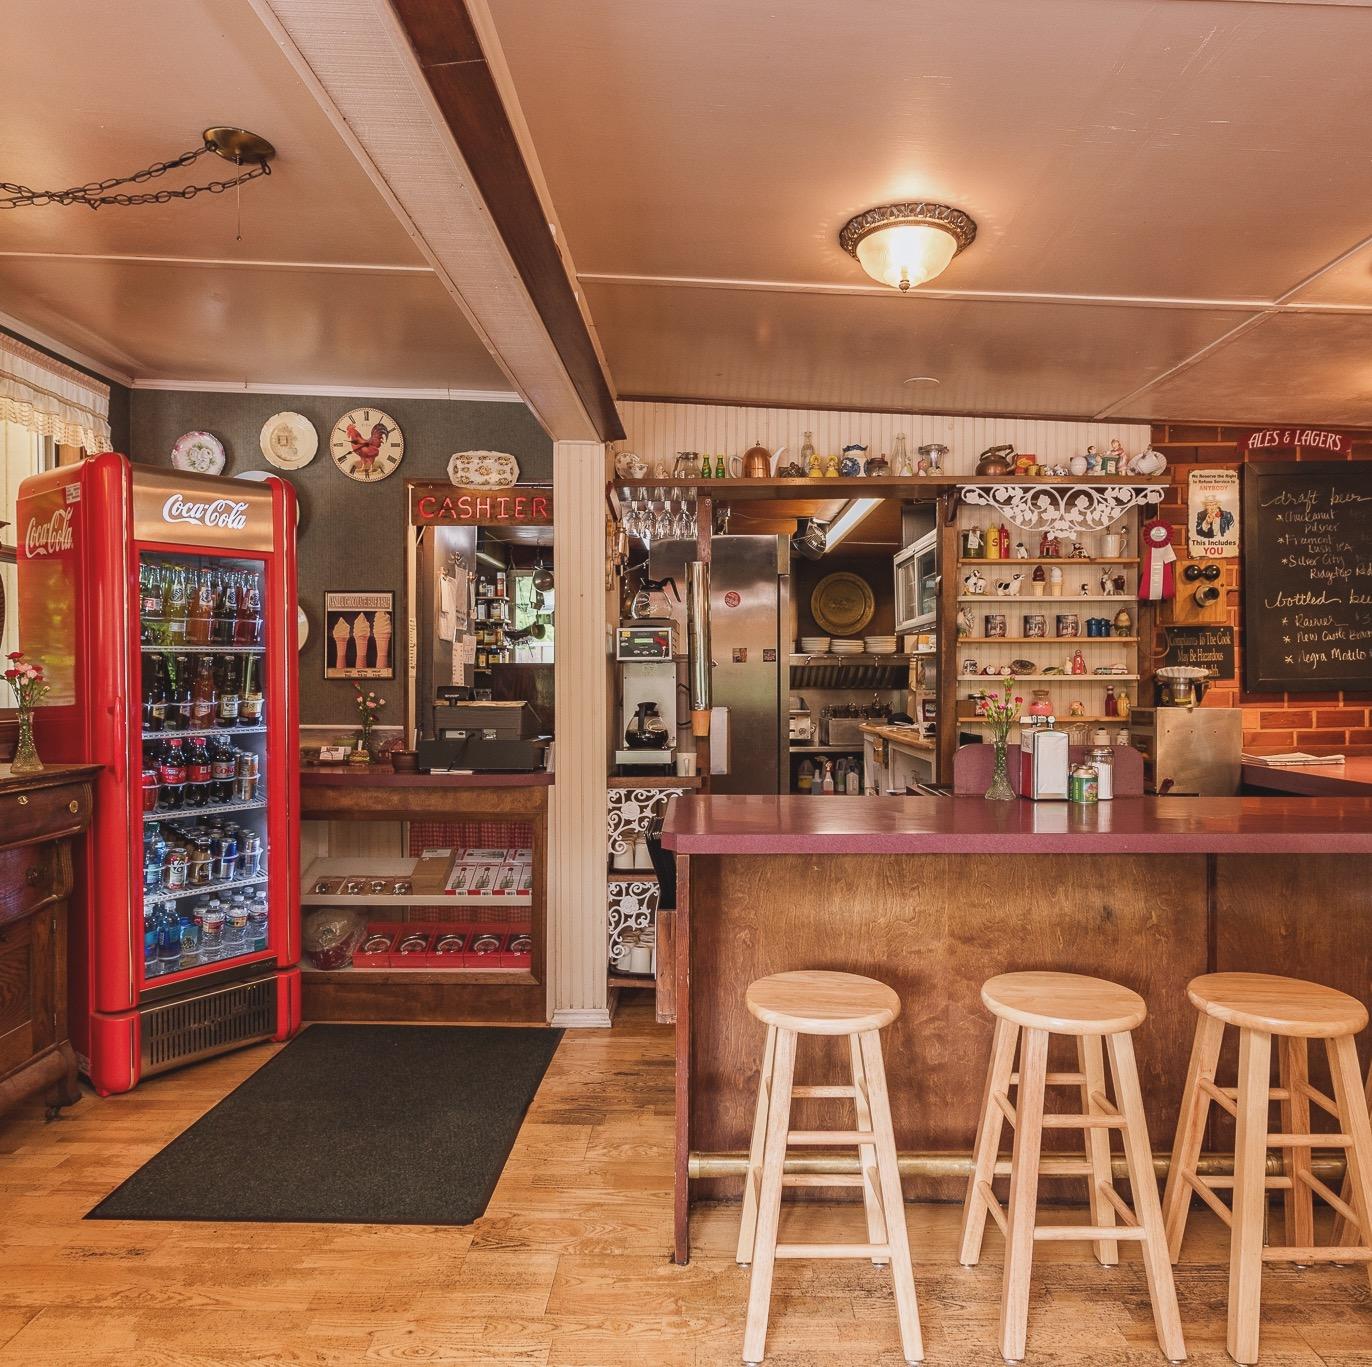 Emerald Valley Inn - Granny Cafe Counter